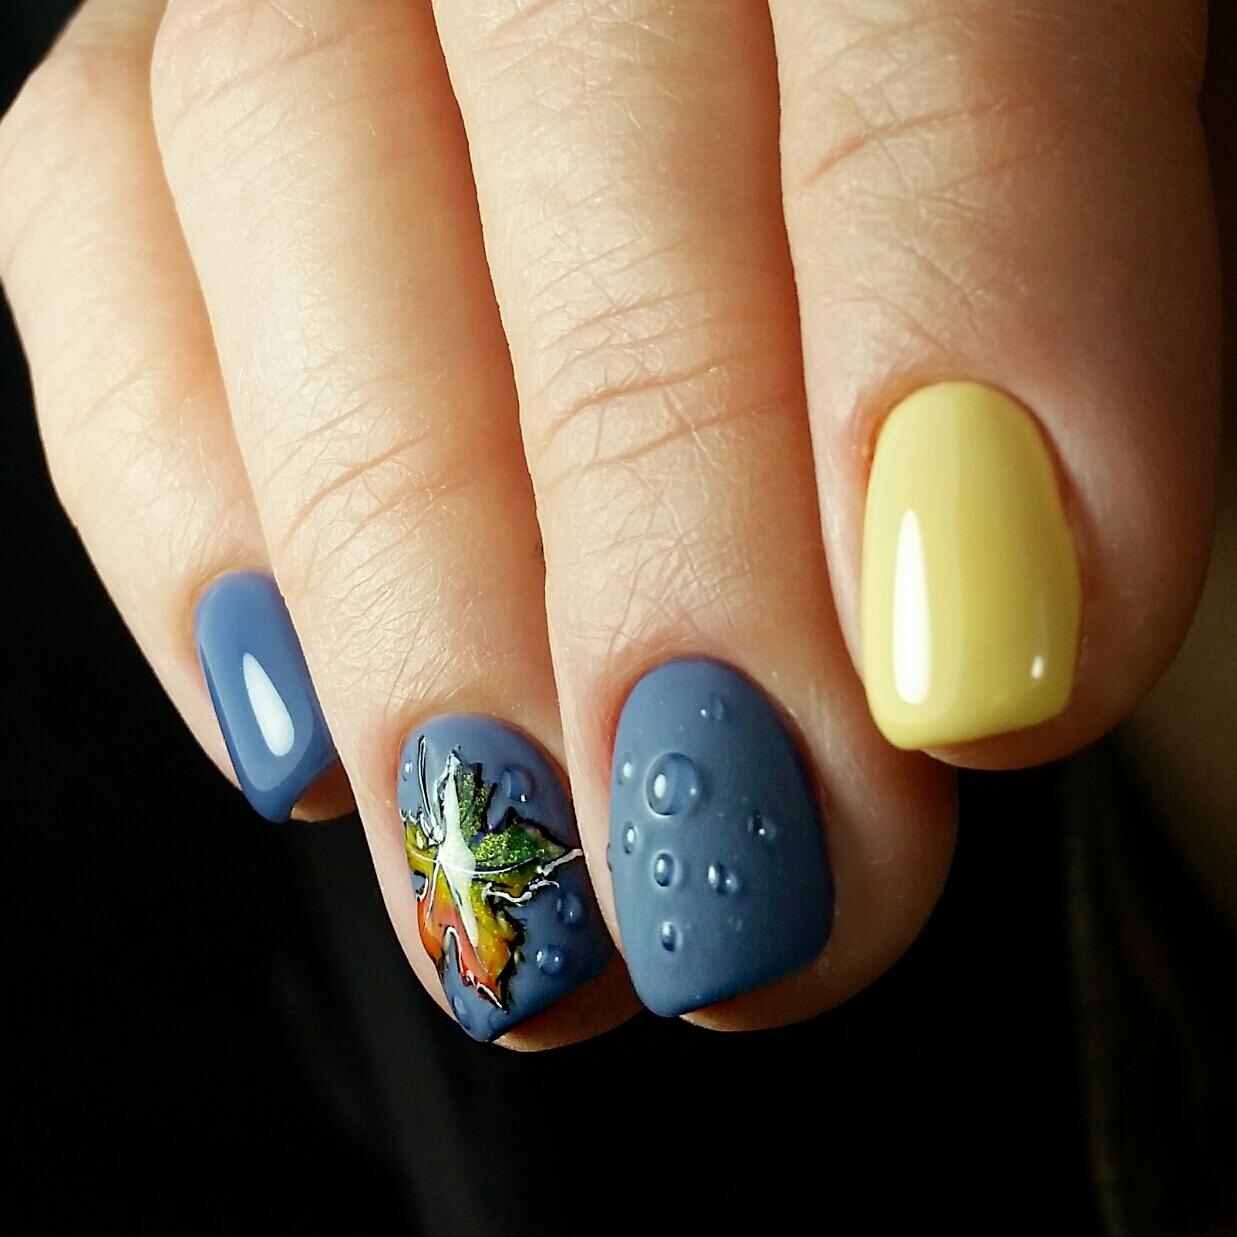 """Маникюр в синем цвете в контрастным жёлтым дизайном, капельками и слайдером """"осенний лист""""."""